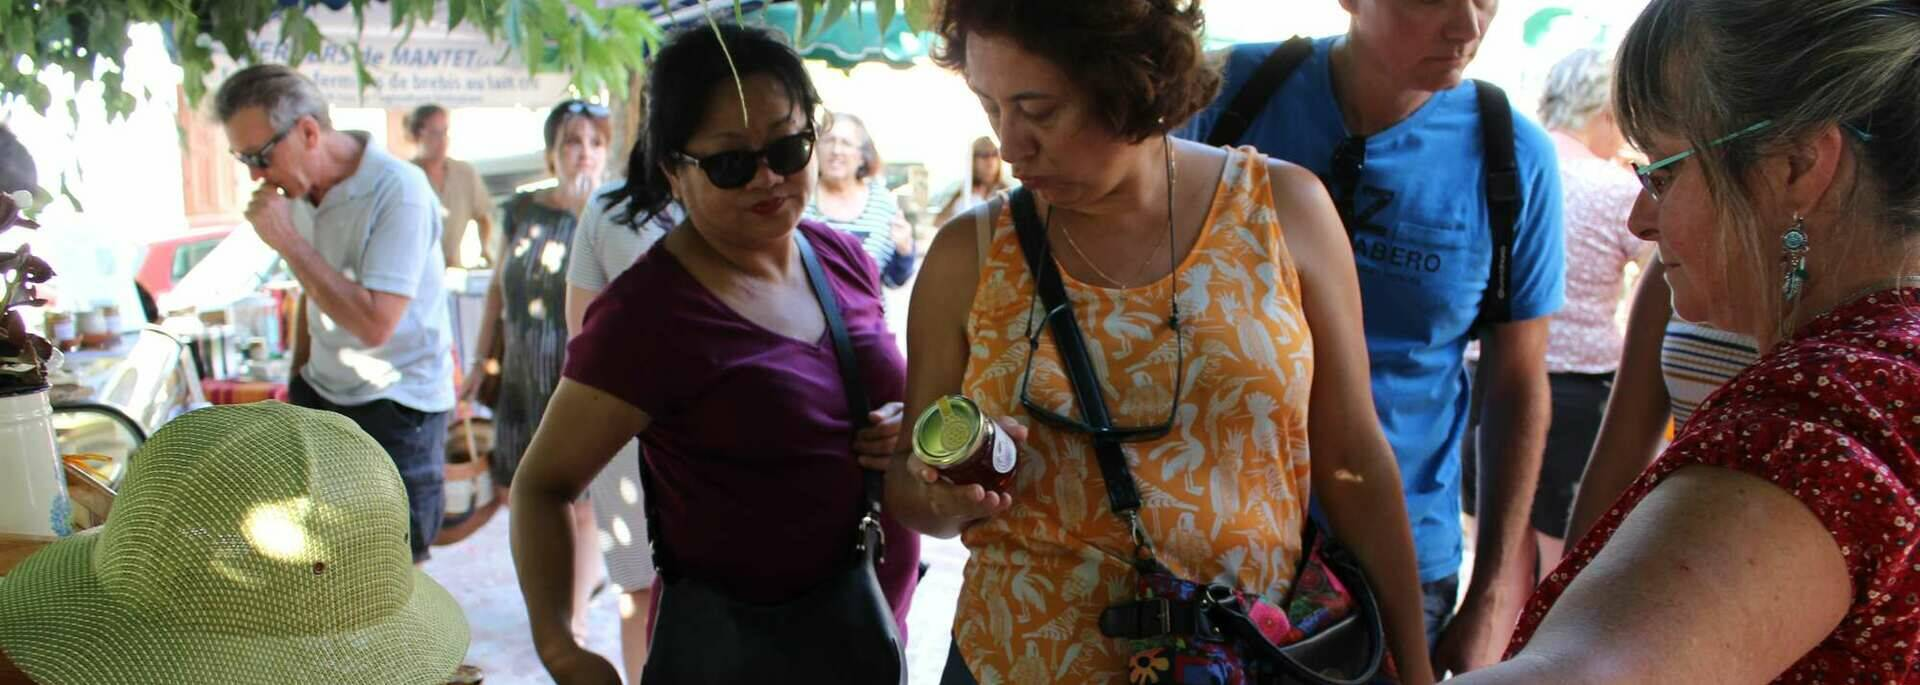 Patricia et son miel - marché de la Rotja